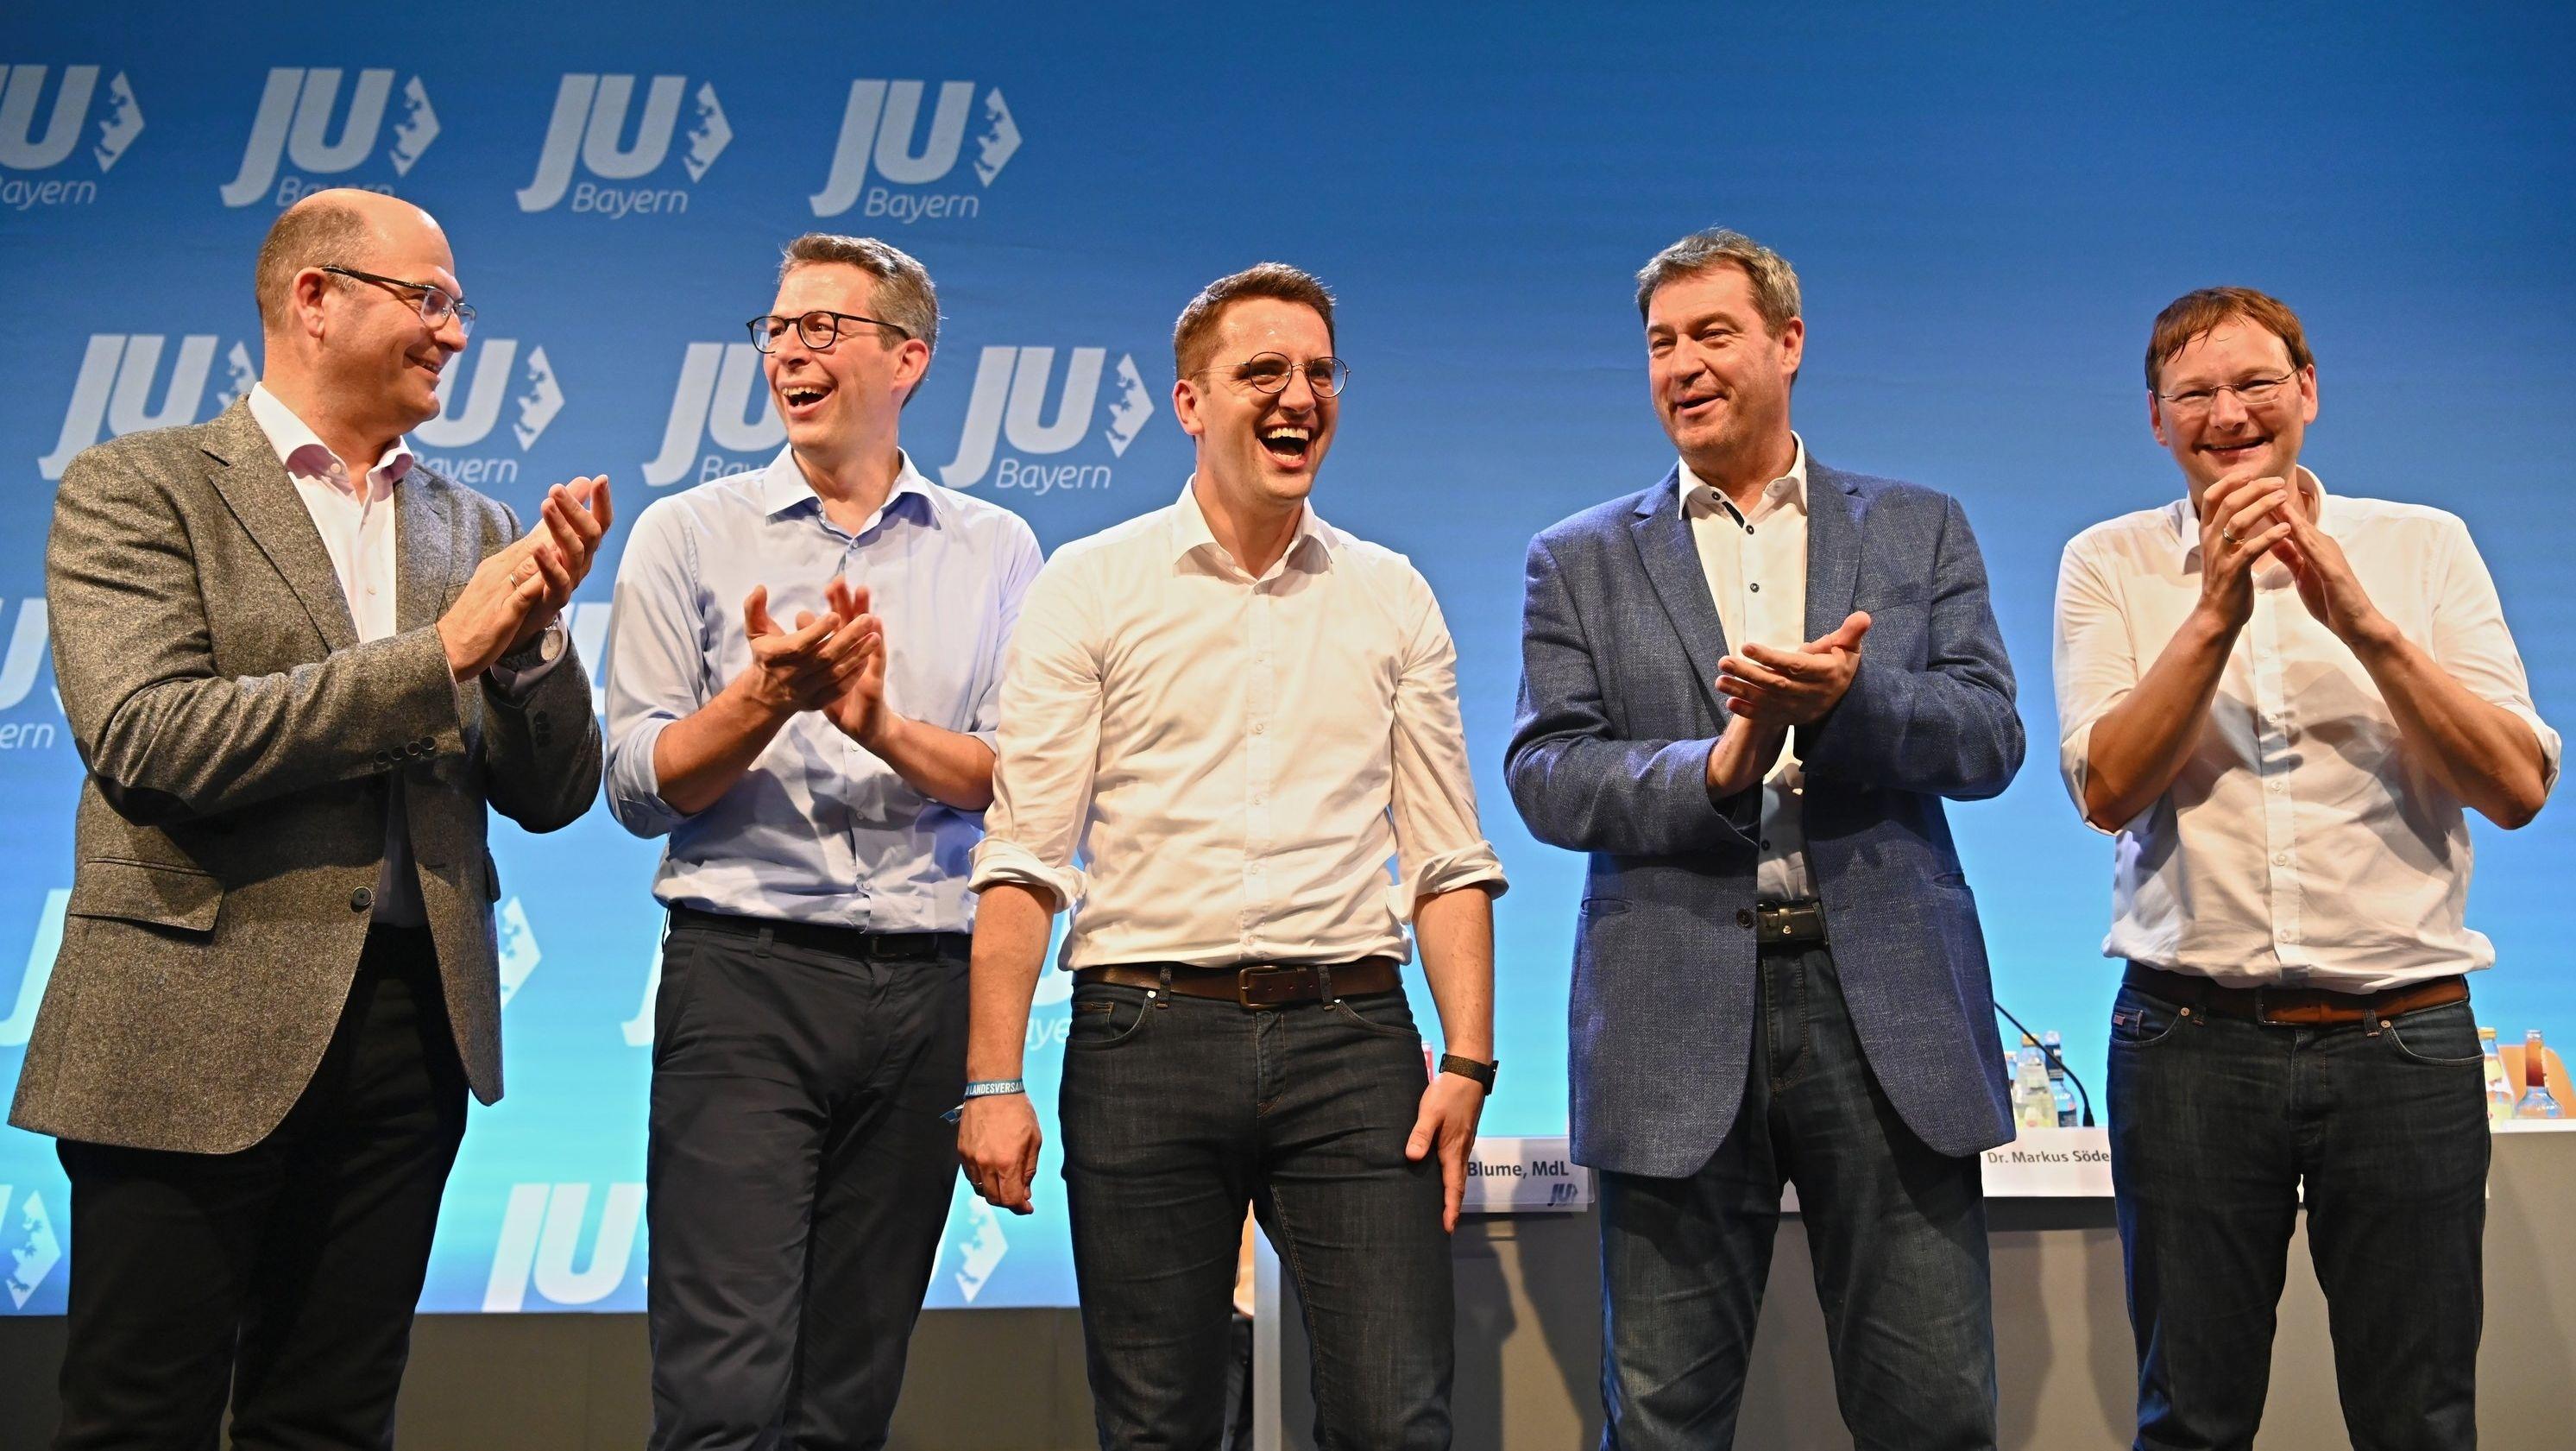 Der als neuer JU-Landeschef gewählte Europaparlamentarier Doleschal (M) wird von Finanzminister Füracker (l), dem Generalsekretär der CSU Blume (2.v.l.), dem bayerischen Ministerpräsidenten (2.v.r.) und dem nun ehemaligen JU-Landesvorsitzenden Reichart (r) zur Wahl applaudiert.